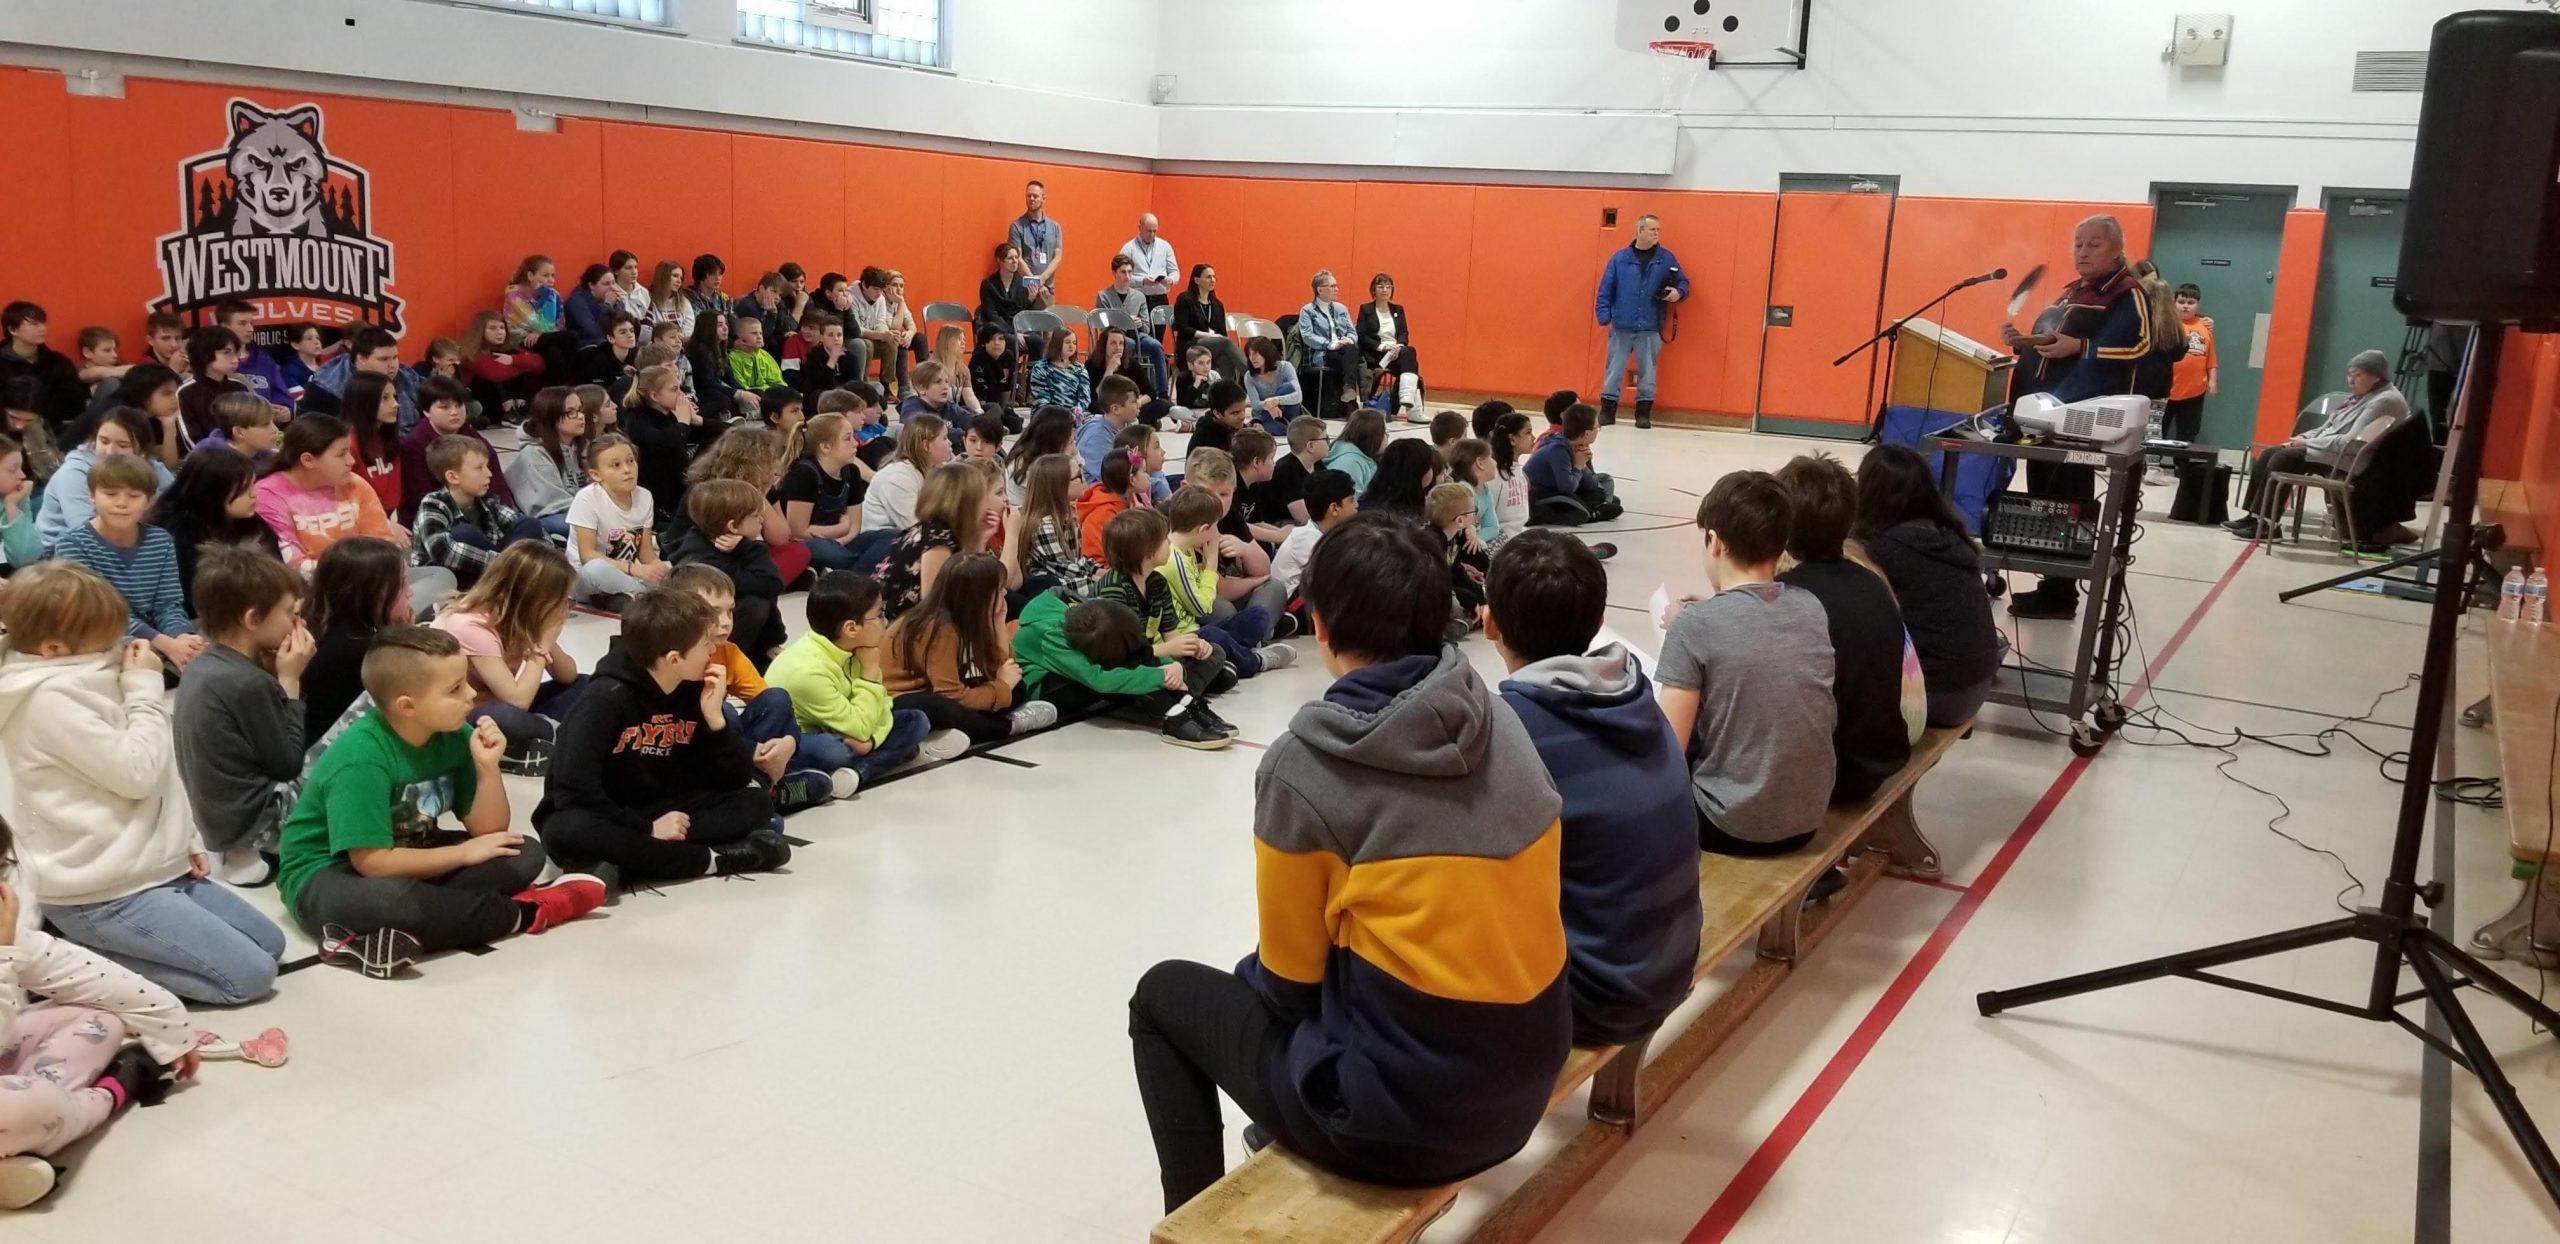 Westmount Public School